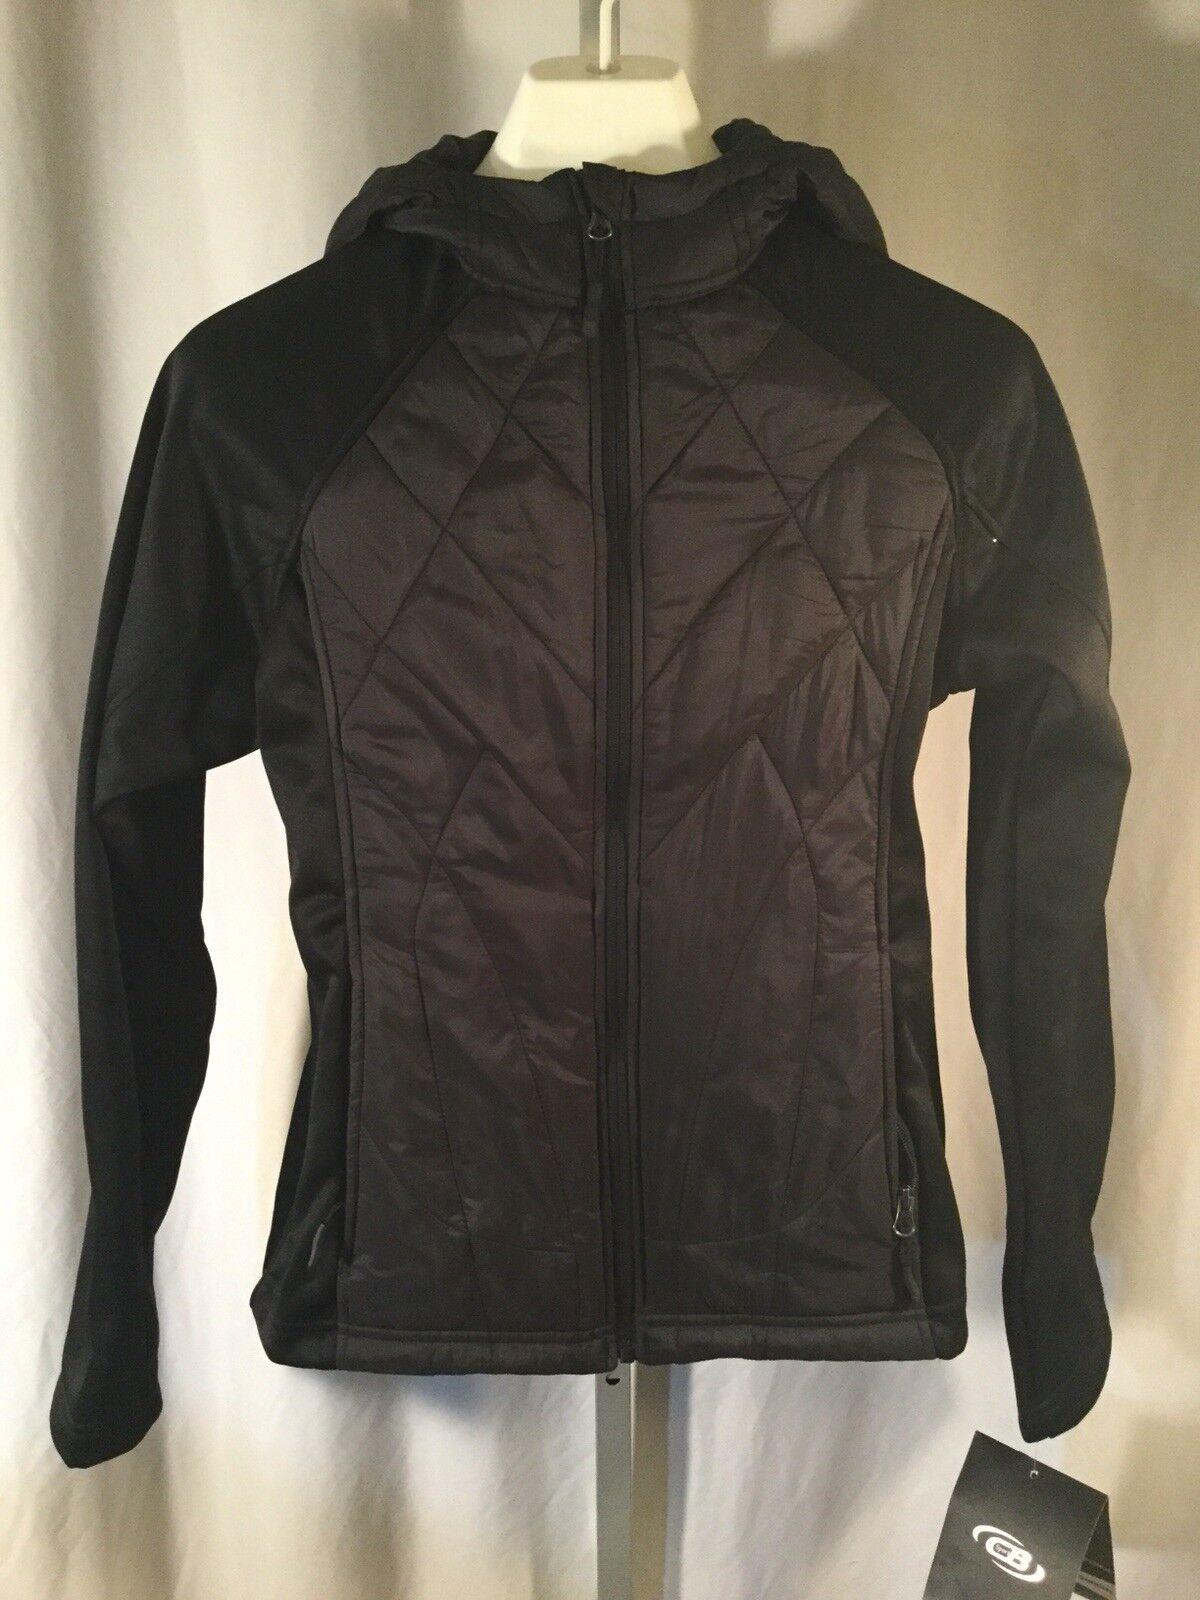 NOUVEAU BLOUSON Performance Sports Black Jacket MED pour femmes Exercice Coupe-vent 125 $